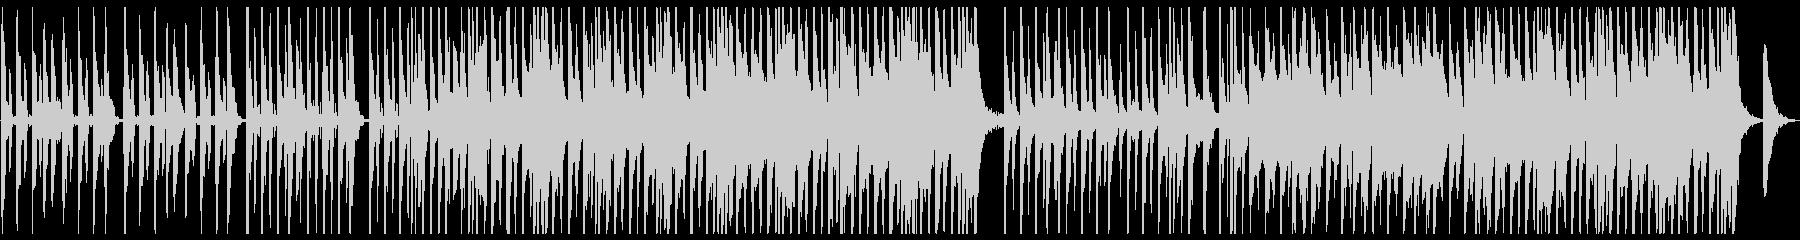 シンプルでキャッチーなポップスの未再生の波形